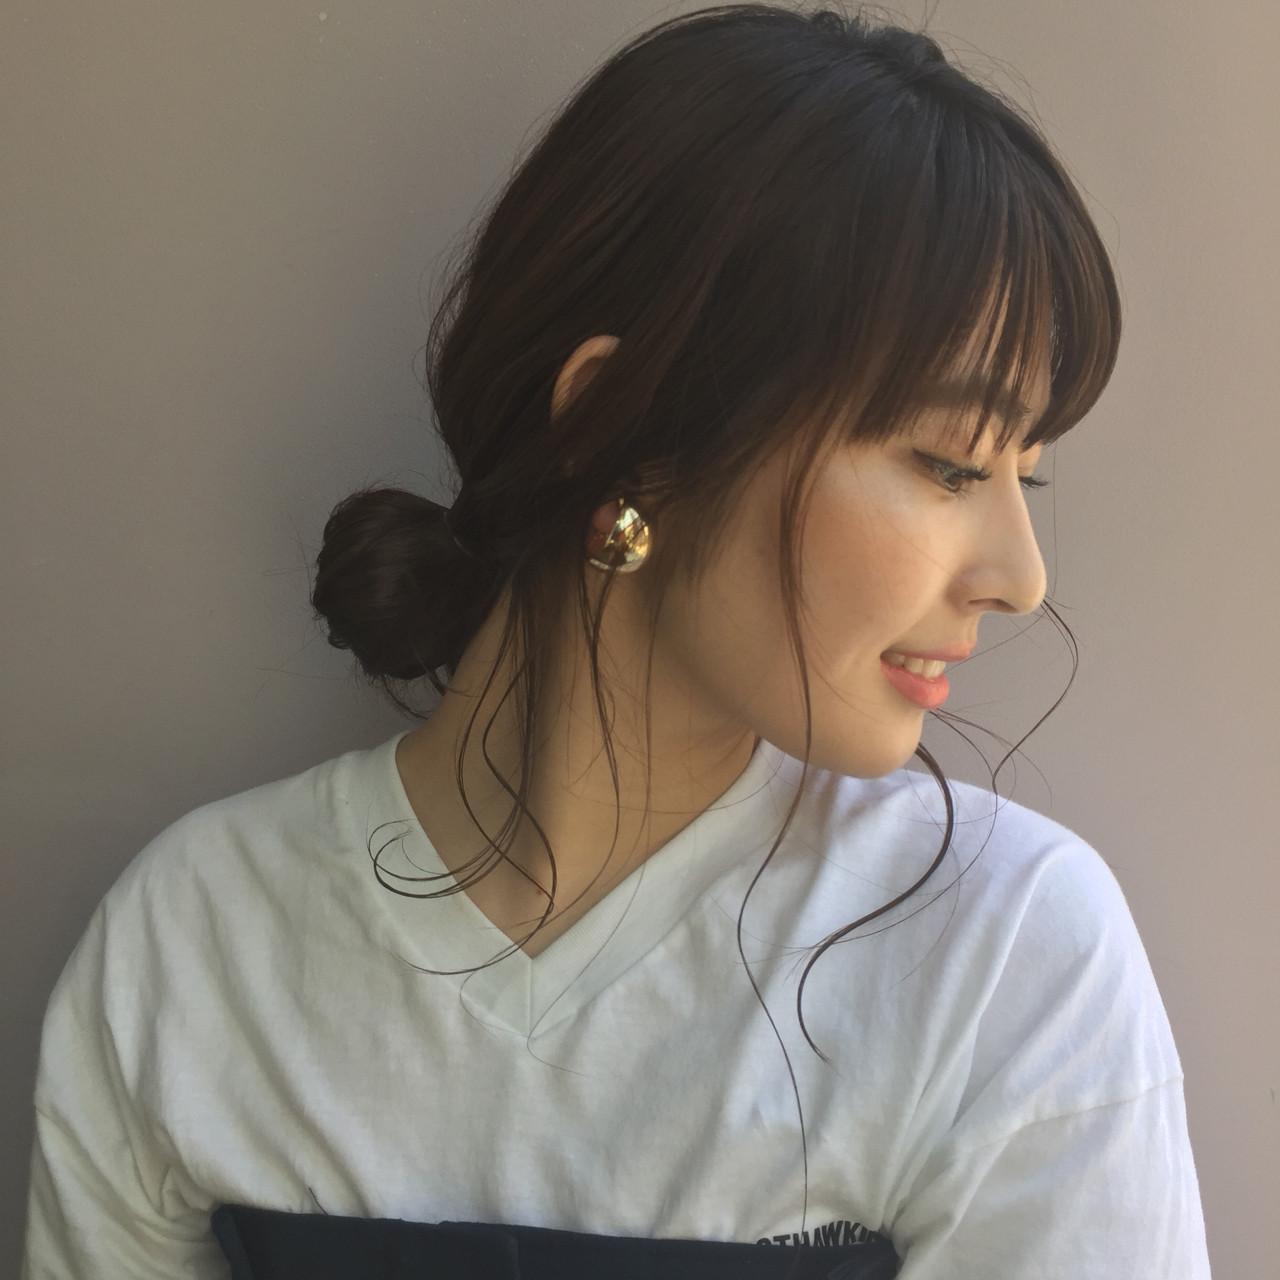 ナチュラル アウトドア 簡単ヘアアレンジ セミロング ヘアスタイルや髪型の写真・画像 | GARDEN《ショート/ベージュ》雲林院 優 / lora.garden